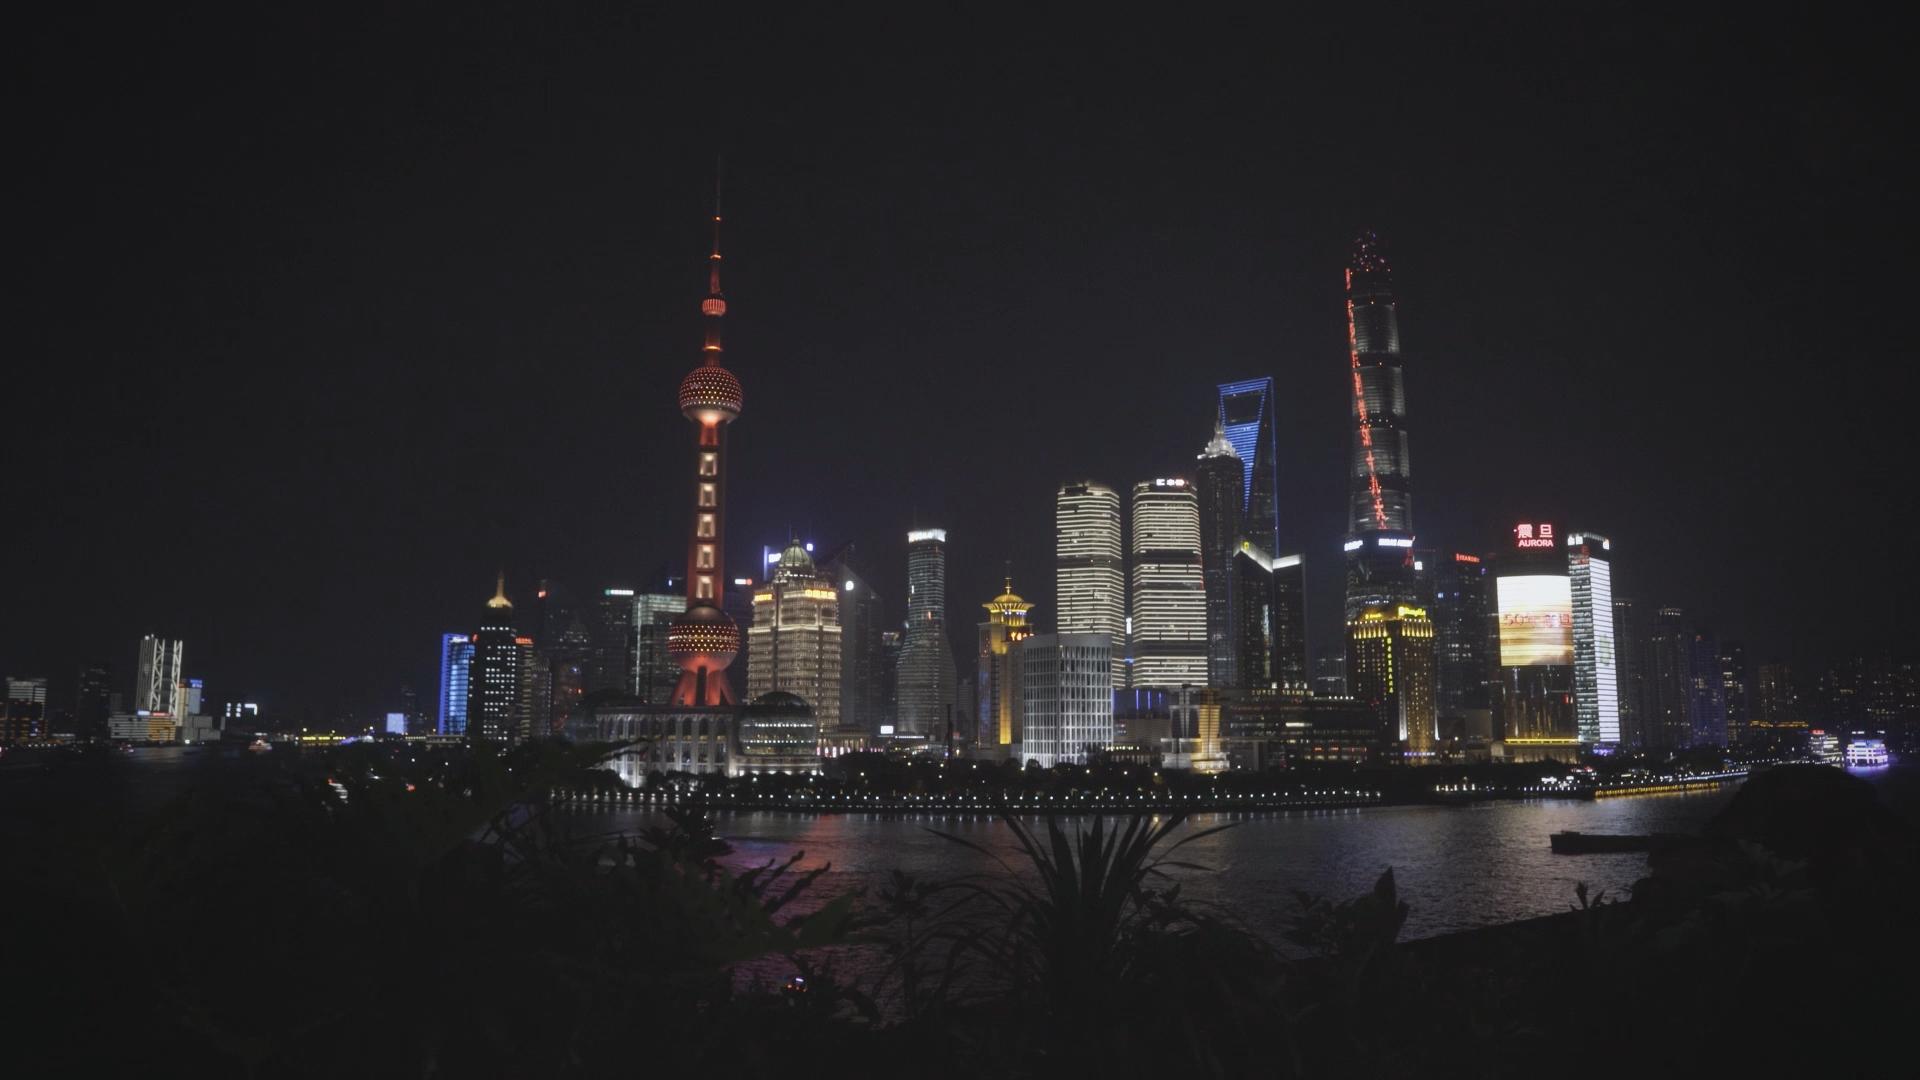 Shanghai_bund_night_skyline_elon.png